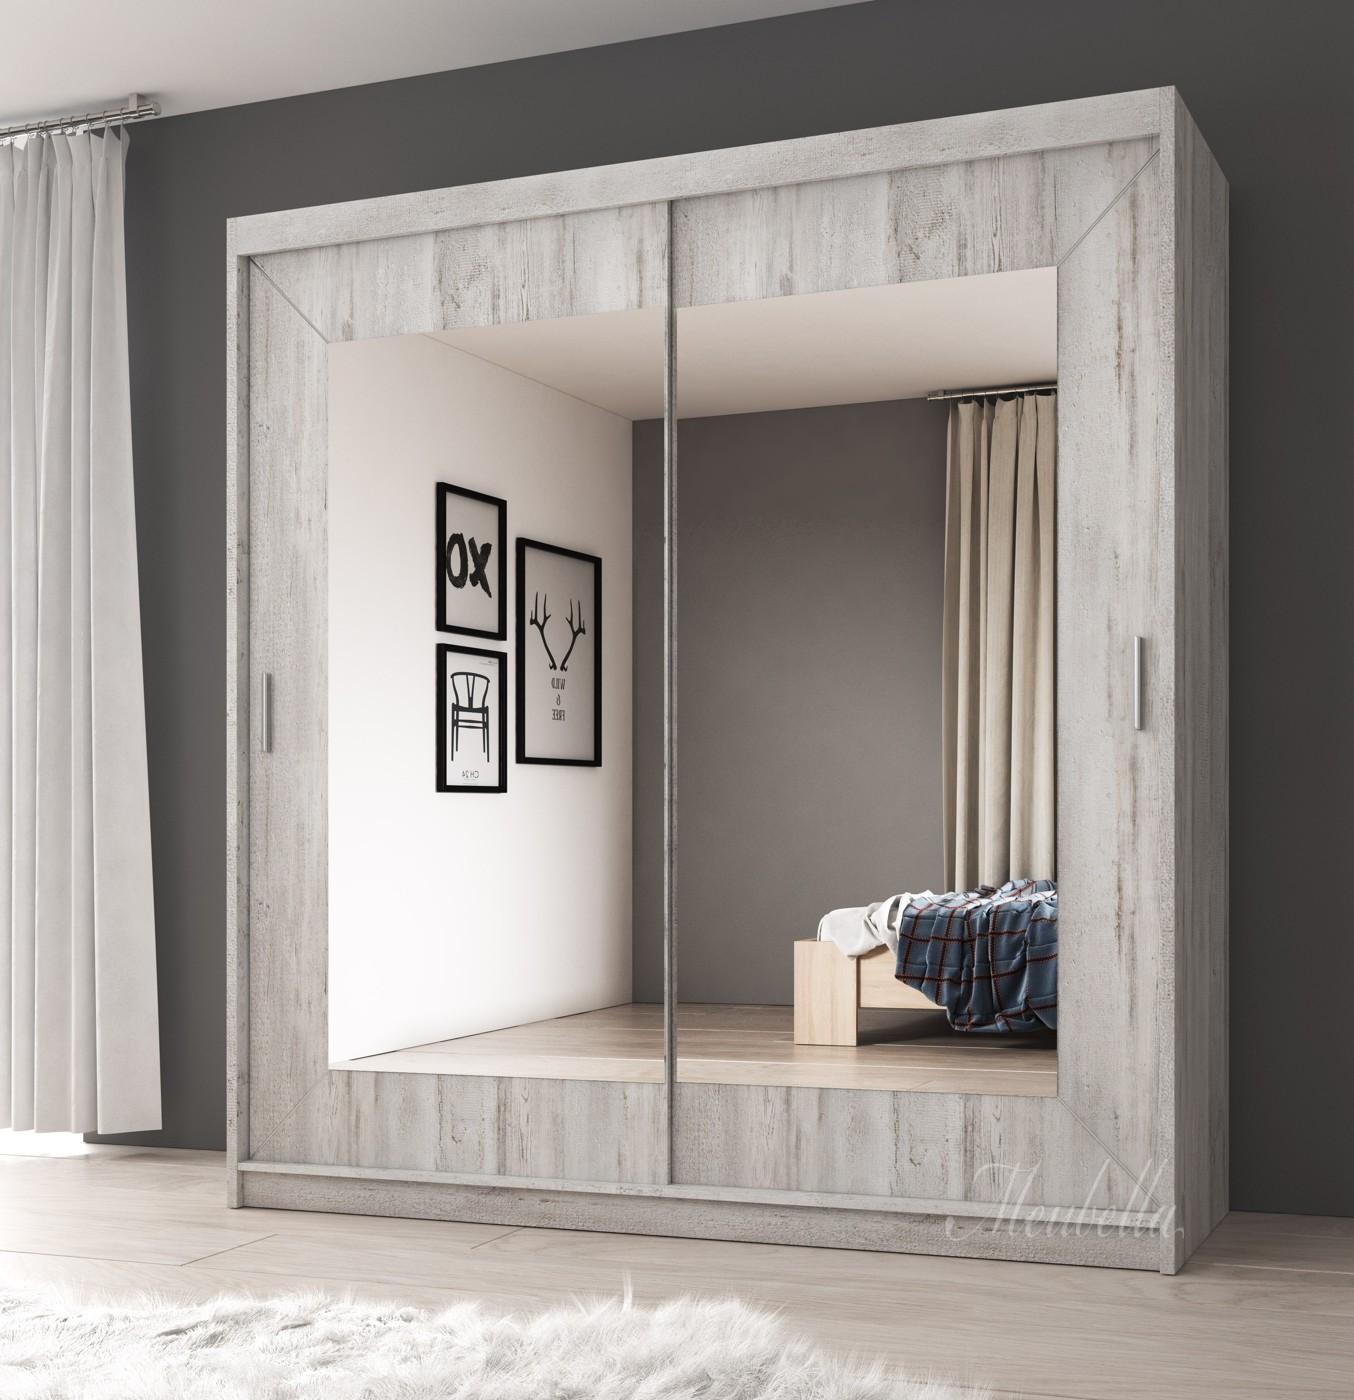 Kledingkast atlanta wit eiken 200 cm kledingkasten for Kledingkasten outlet